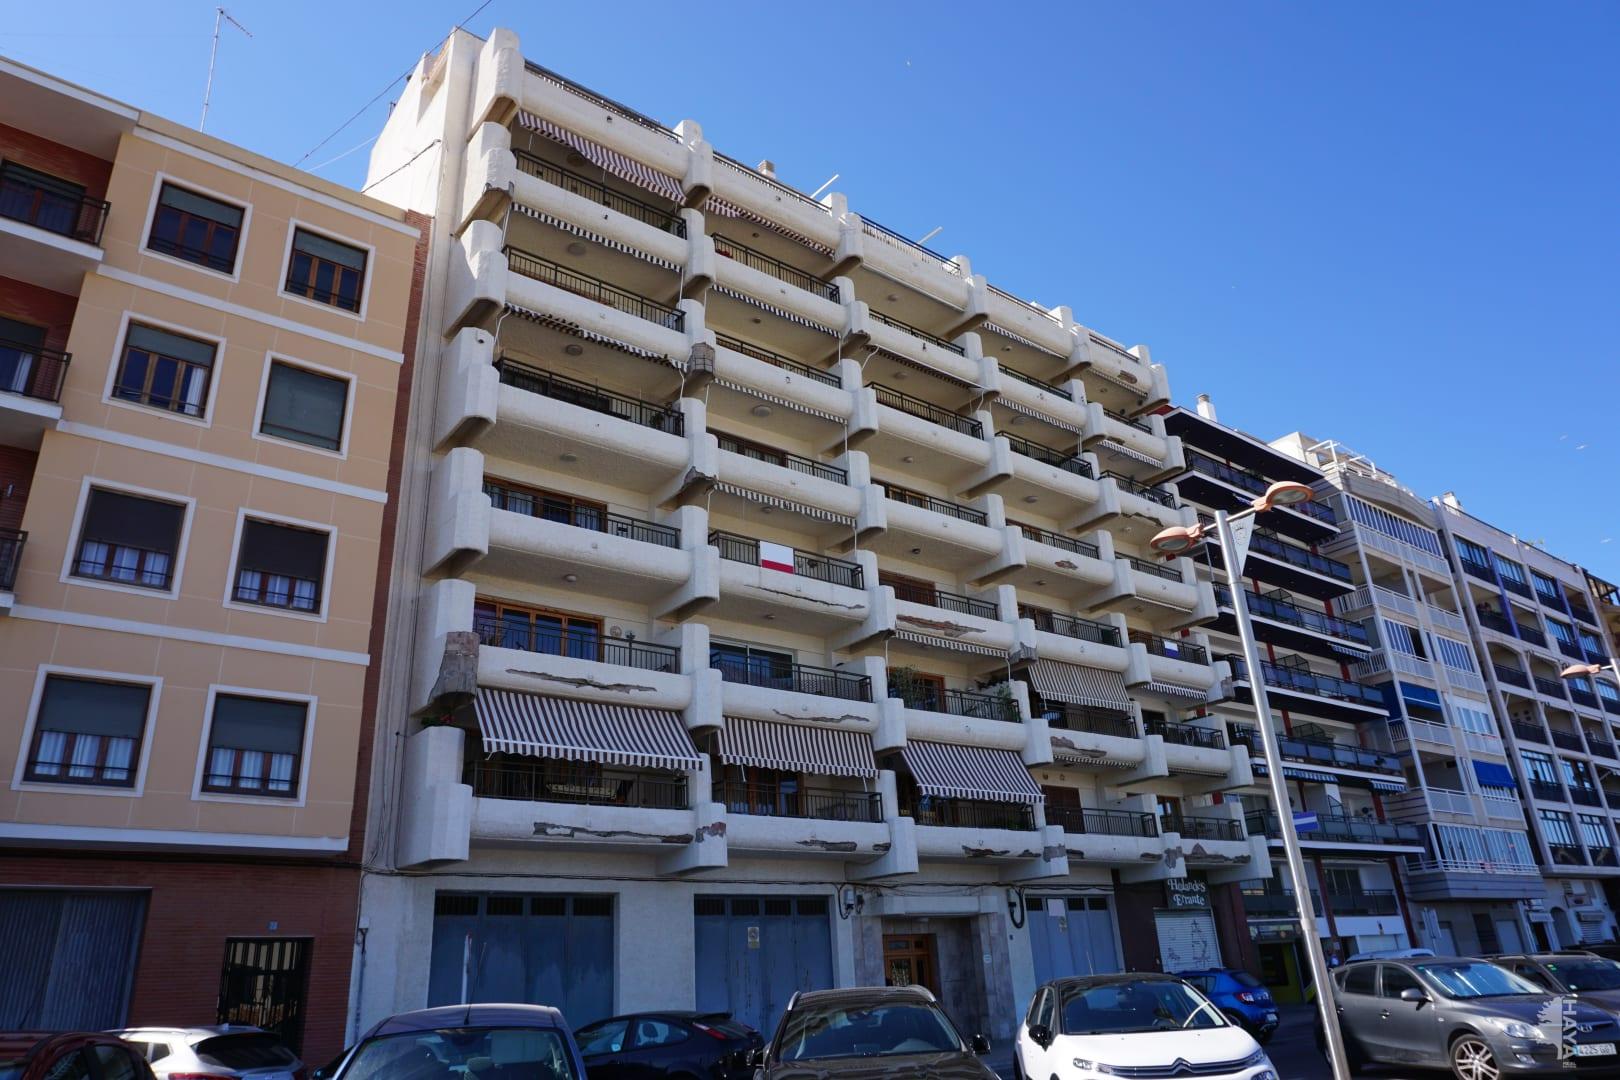 Piso en venta en Poblados Marítimos, Burriana, Castellón, Avenida Mediterraneo, 212.100 €, 3 habitaciones, 2 baños, 117 m2